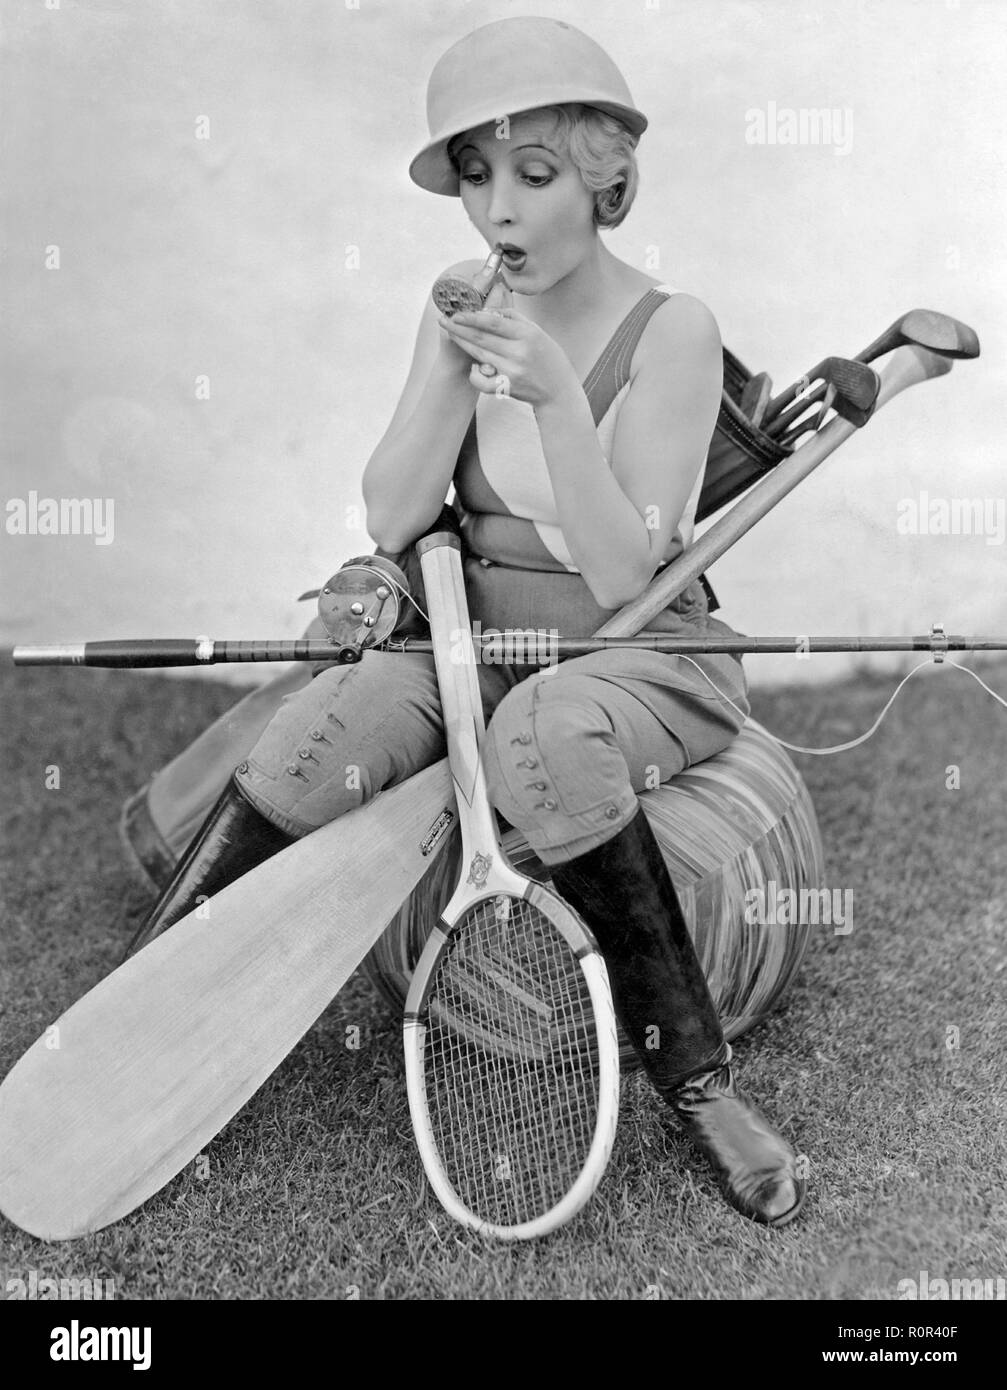 Bessie Love, 1898-1986. Die amerikanische Schauspielerin hier dargestellt mit einem Lippenstift und einen kleinen Taschenspiegel. Sie ist durch verschiedene Arten der Sportausrüstung, Tennisschläger, Angeln, Golf Clubs und ein Kajak Paddel umgeben. 1930er Jahre Stockbild